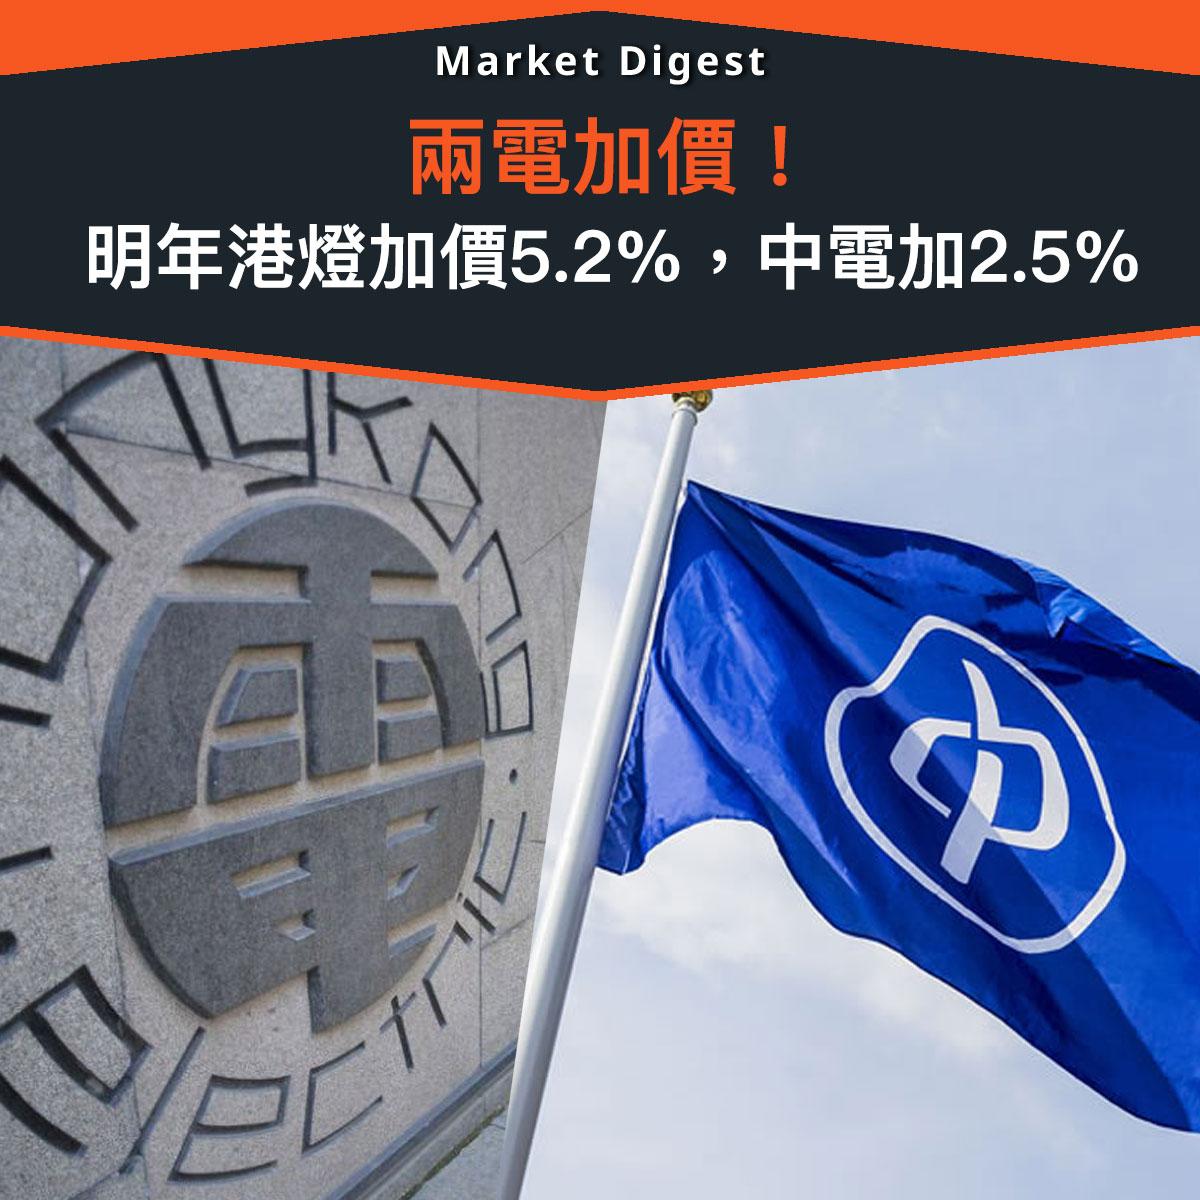 【市場熱話】兩電加價!明年港燈加價5.2%,中電加2.5%